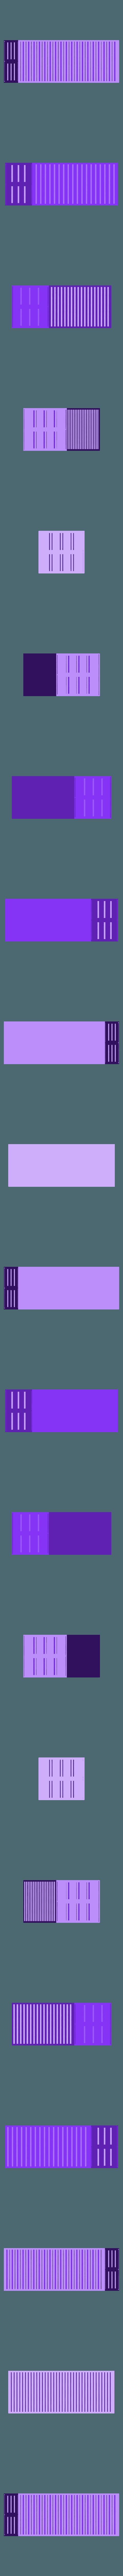 Cargo_Container_20_ft_Std.stl Télécharger fichier STL gratuit Cargo Container Set (Échelle N) • Modèle à imprimer en 3D, MFouillard